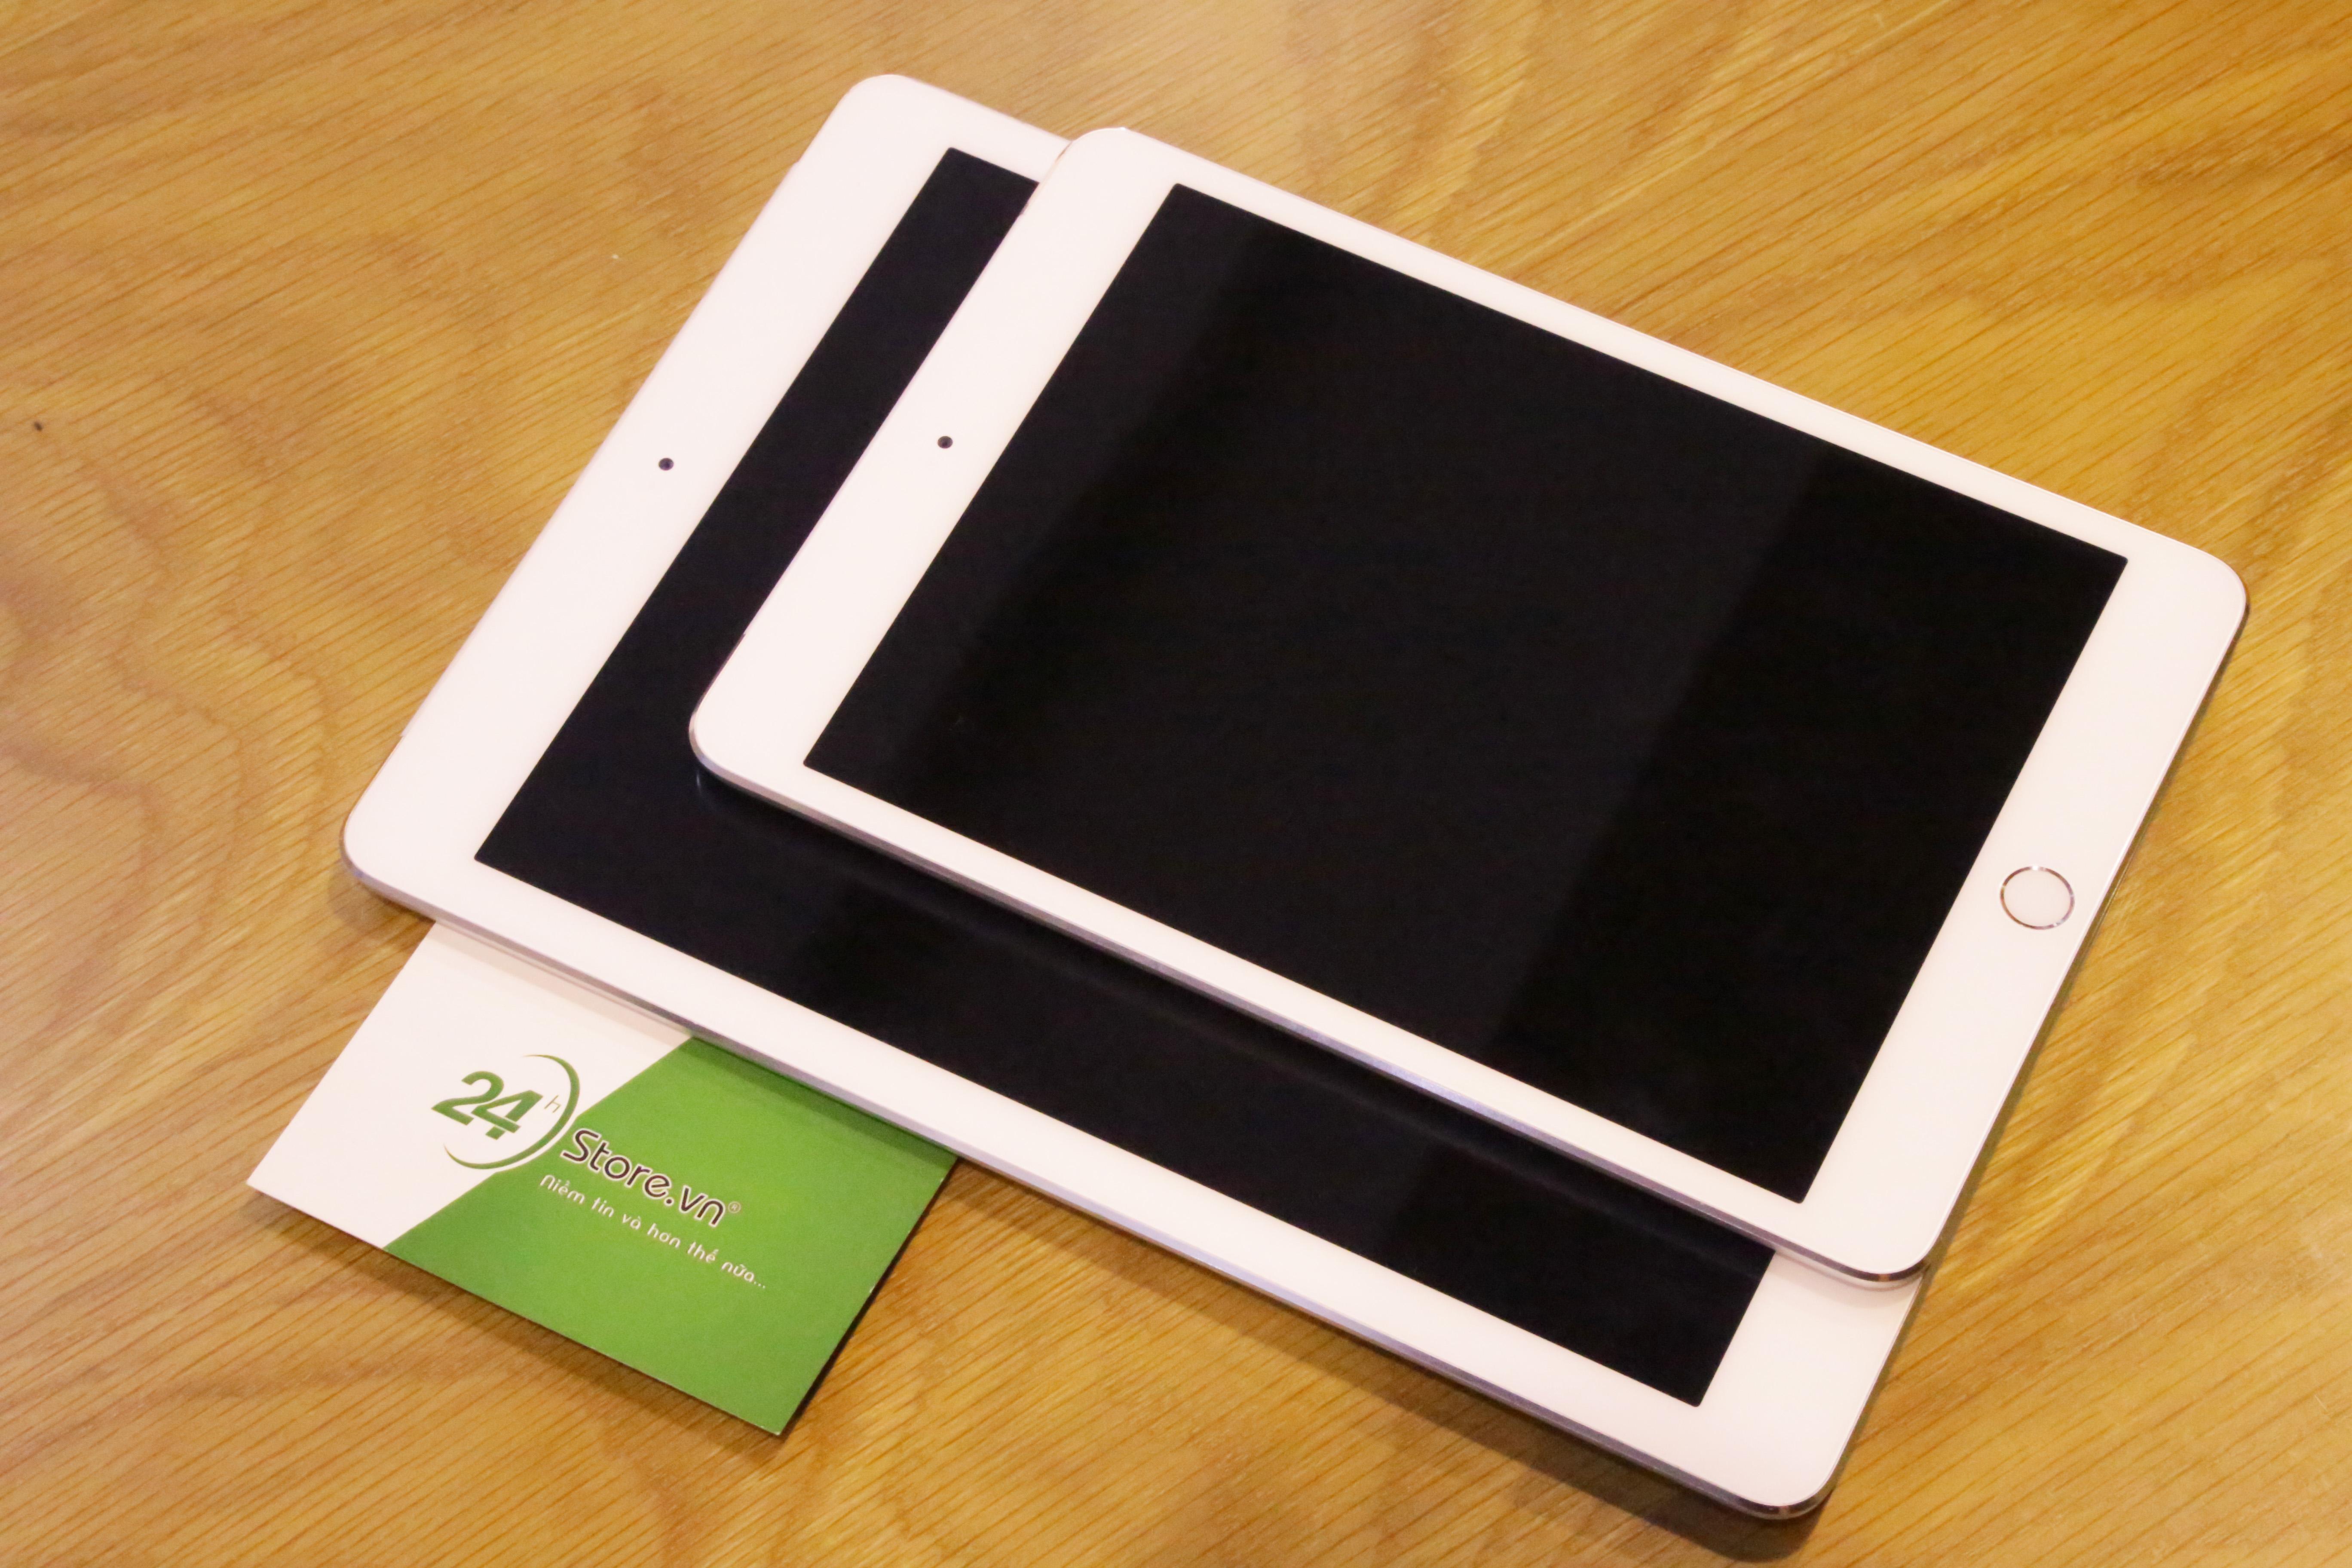 giá ipad air 2 cũ giá rẻ tại TPHCM